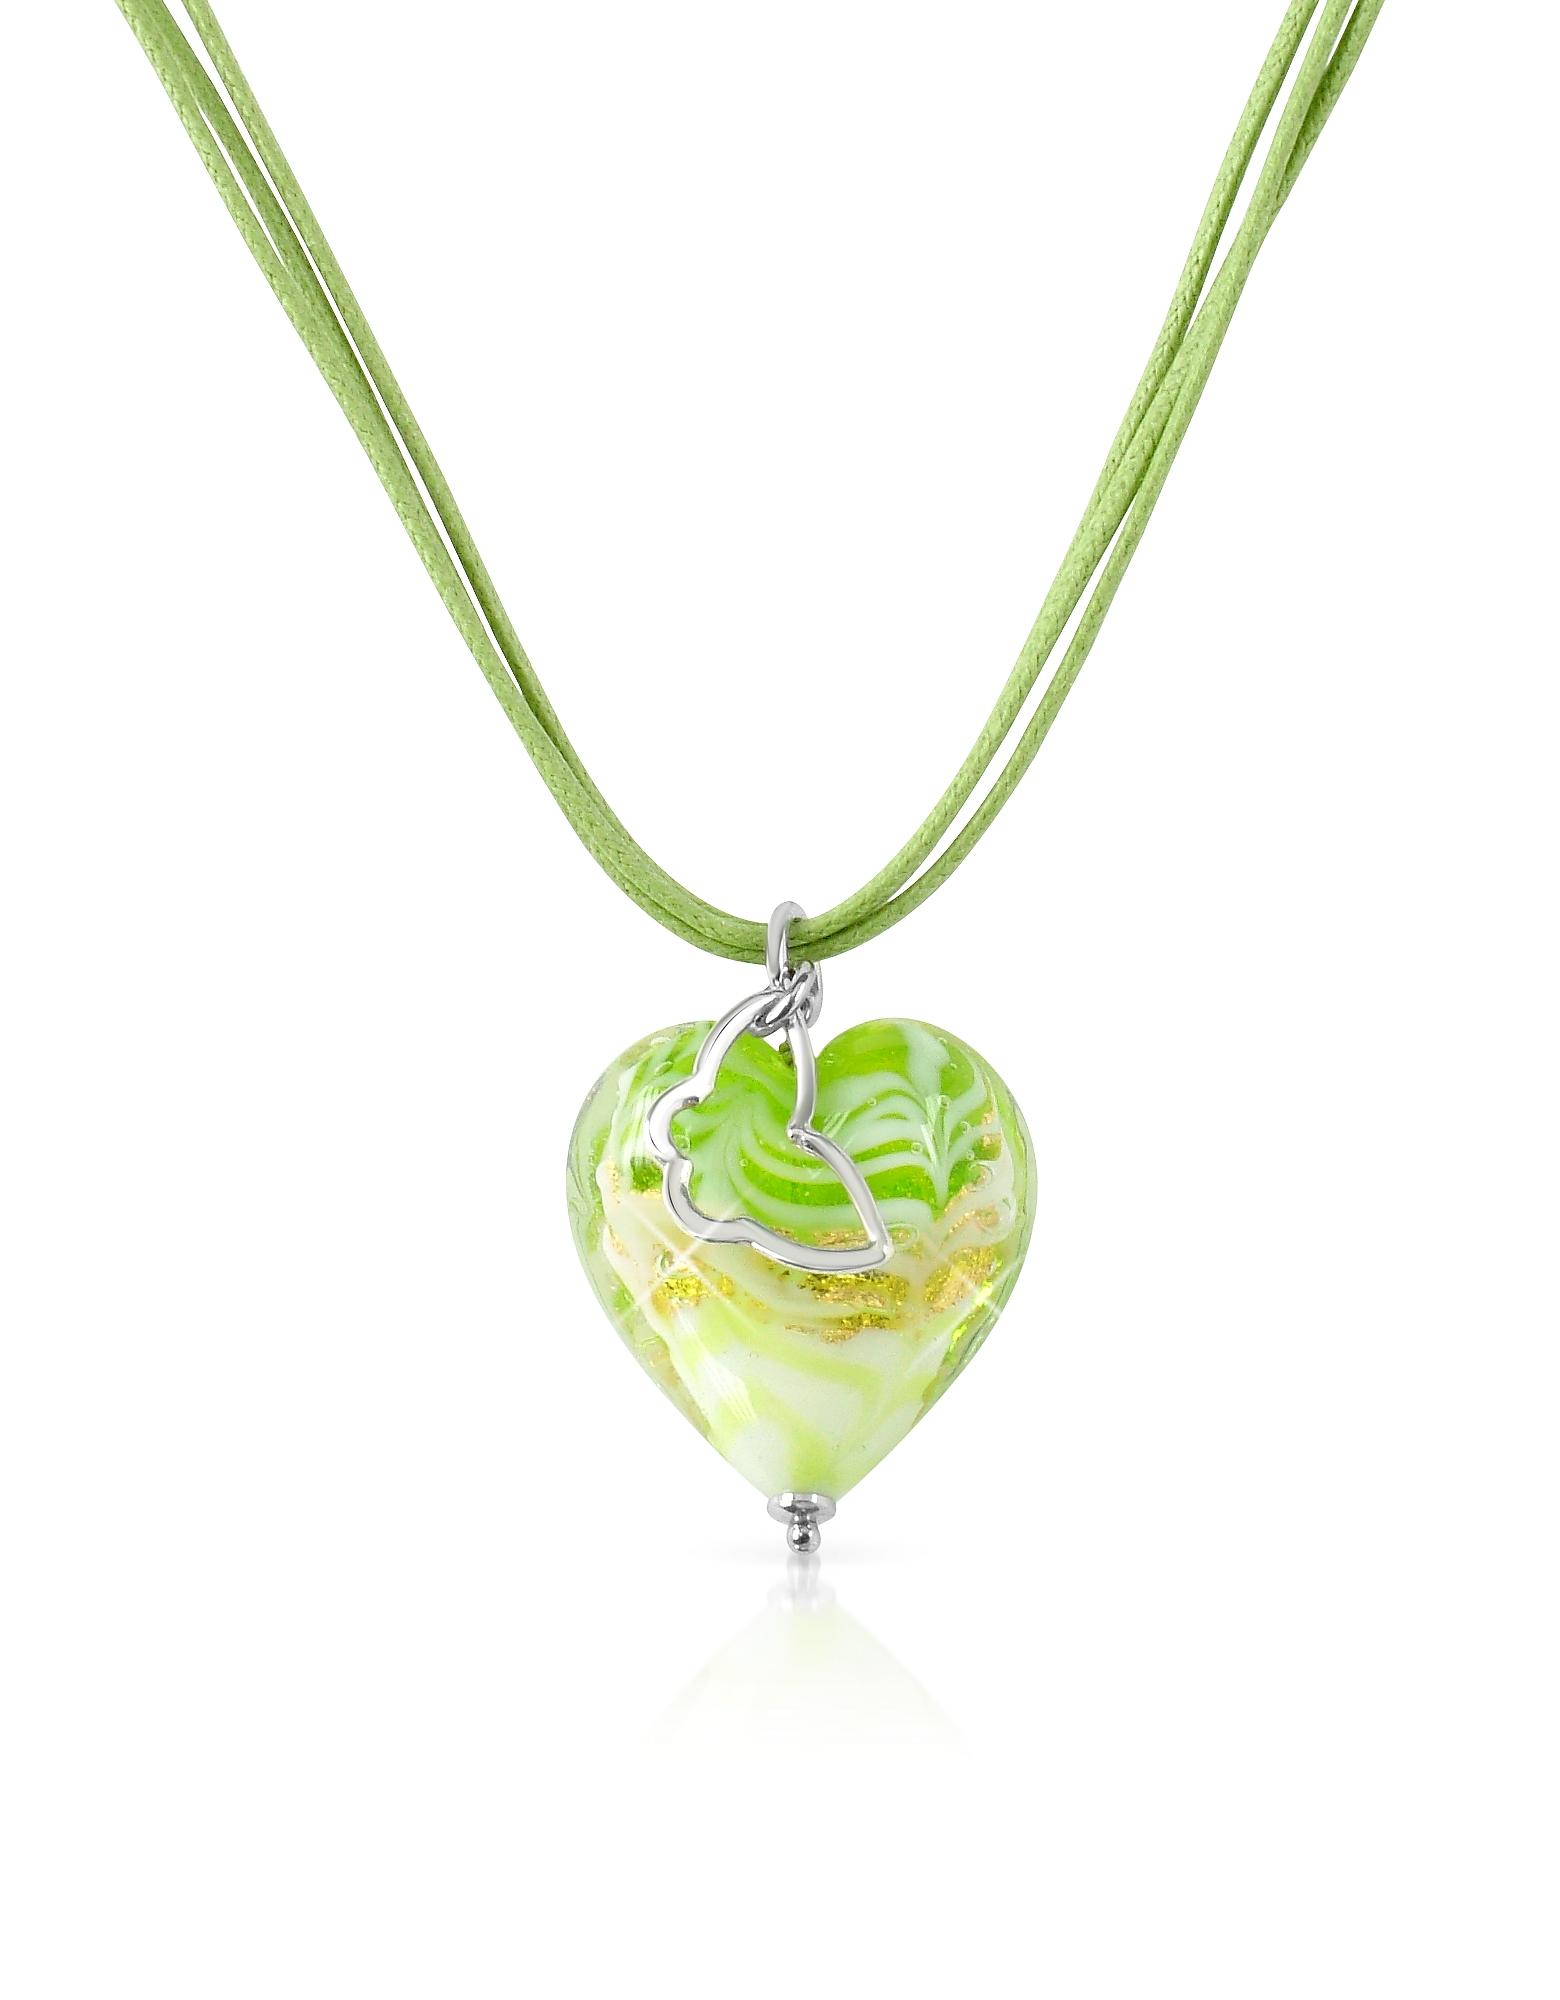 Mare - Колье с Лимонно-зеленой Подвеской-Сердцем из Стекла Мурано